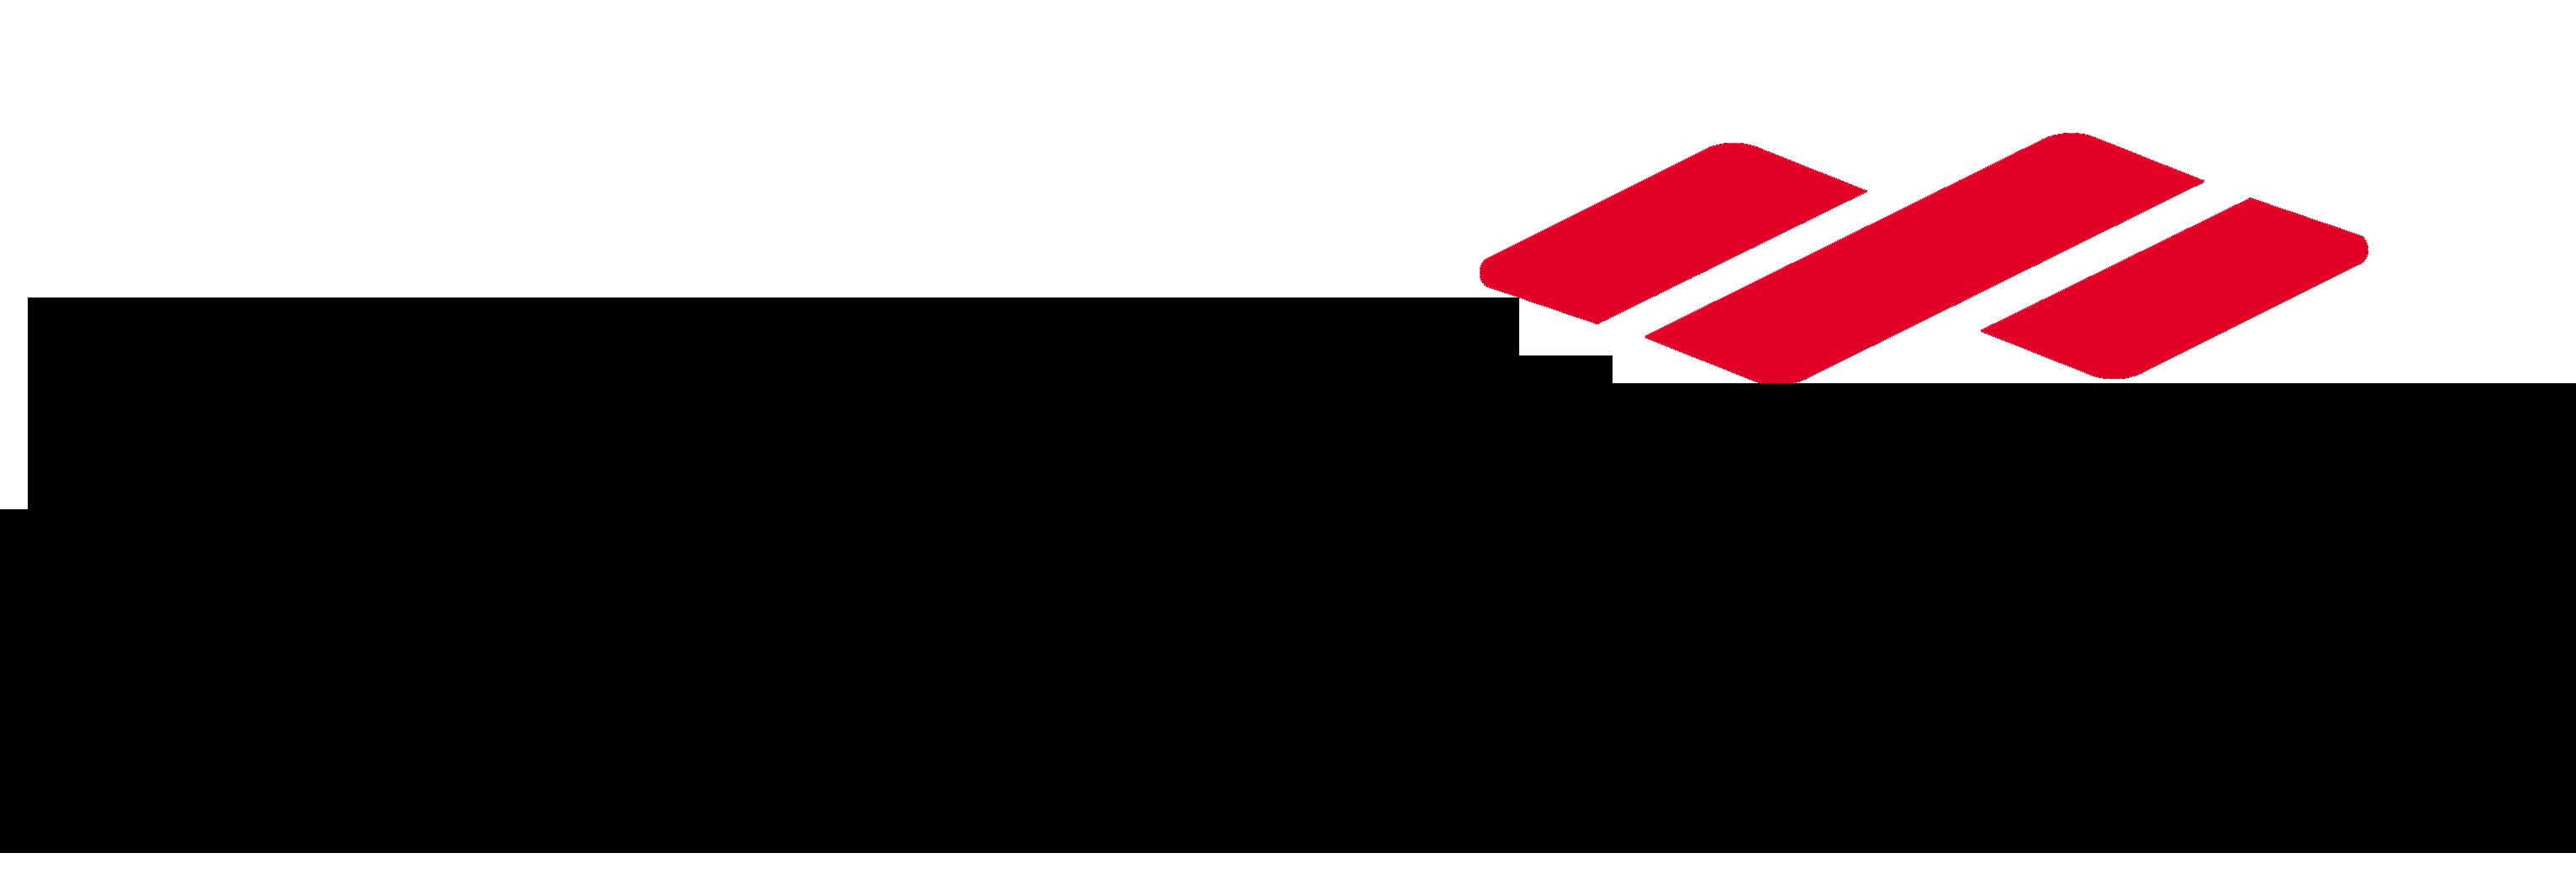 Kleber_logo.png